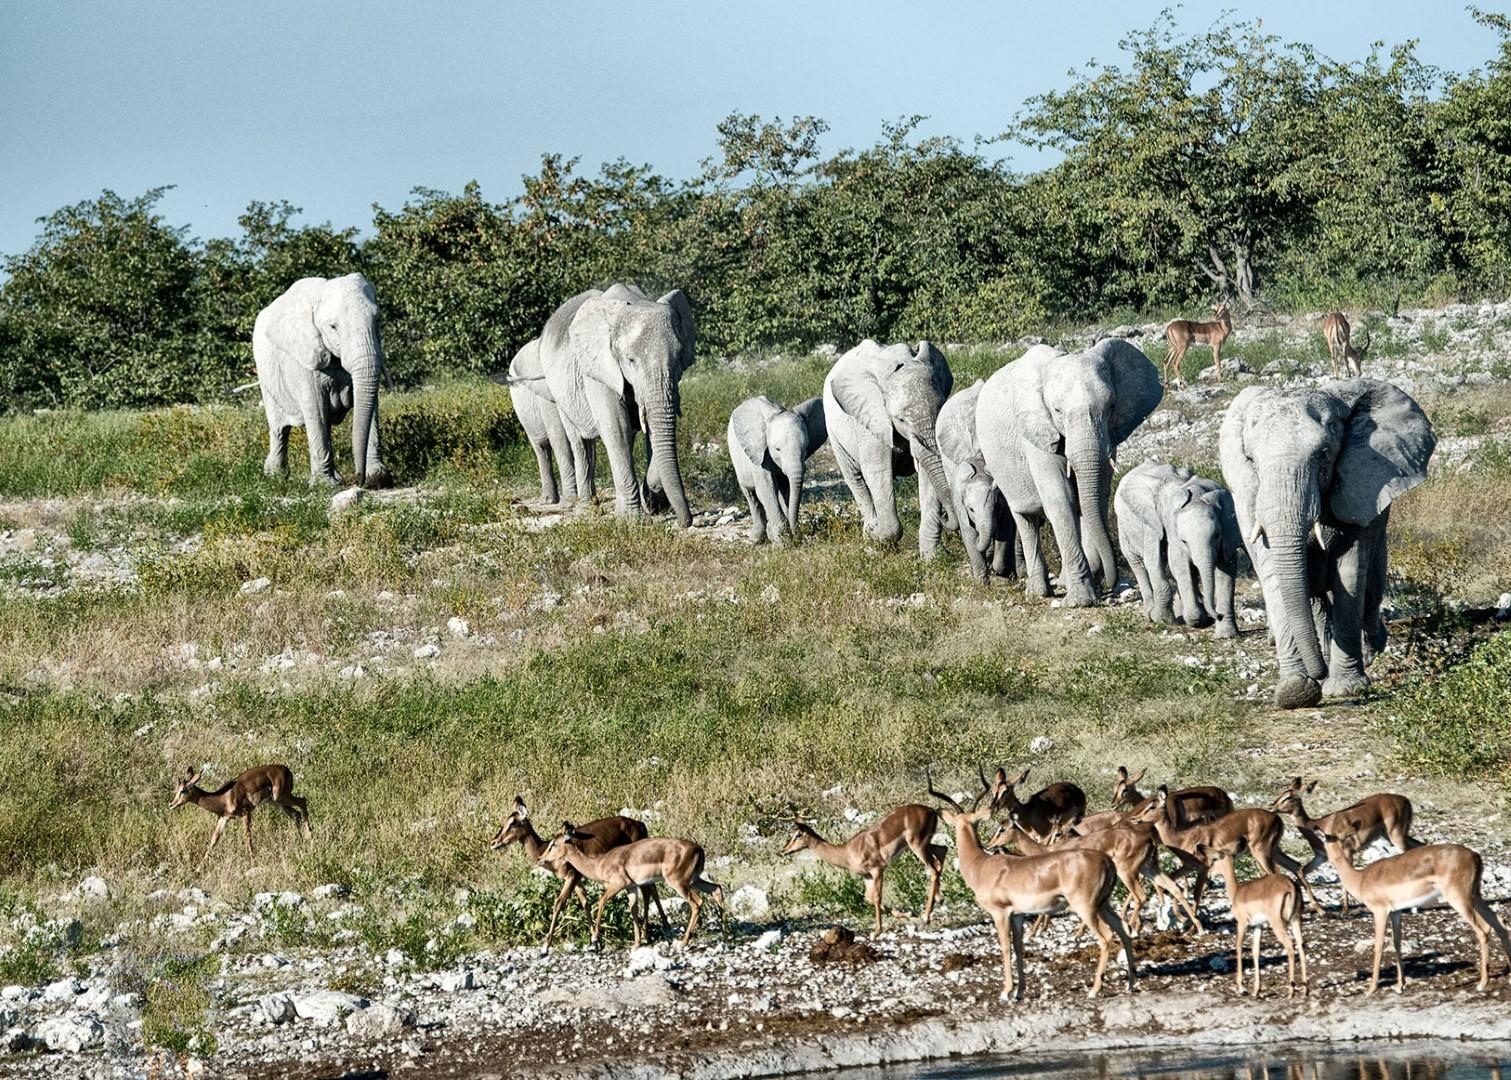 Etosha National Park stunning namibia elephants safari